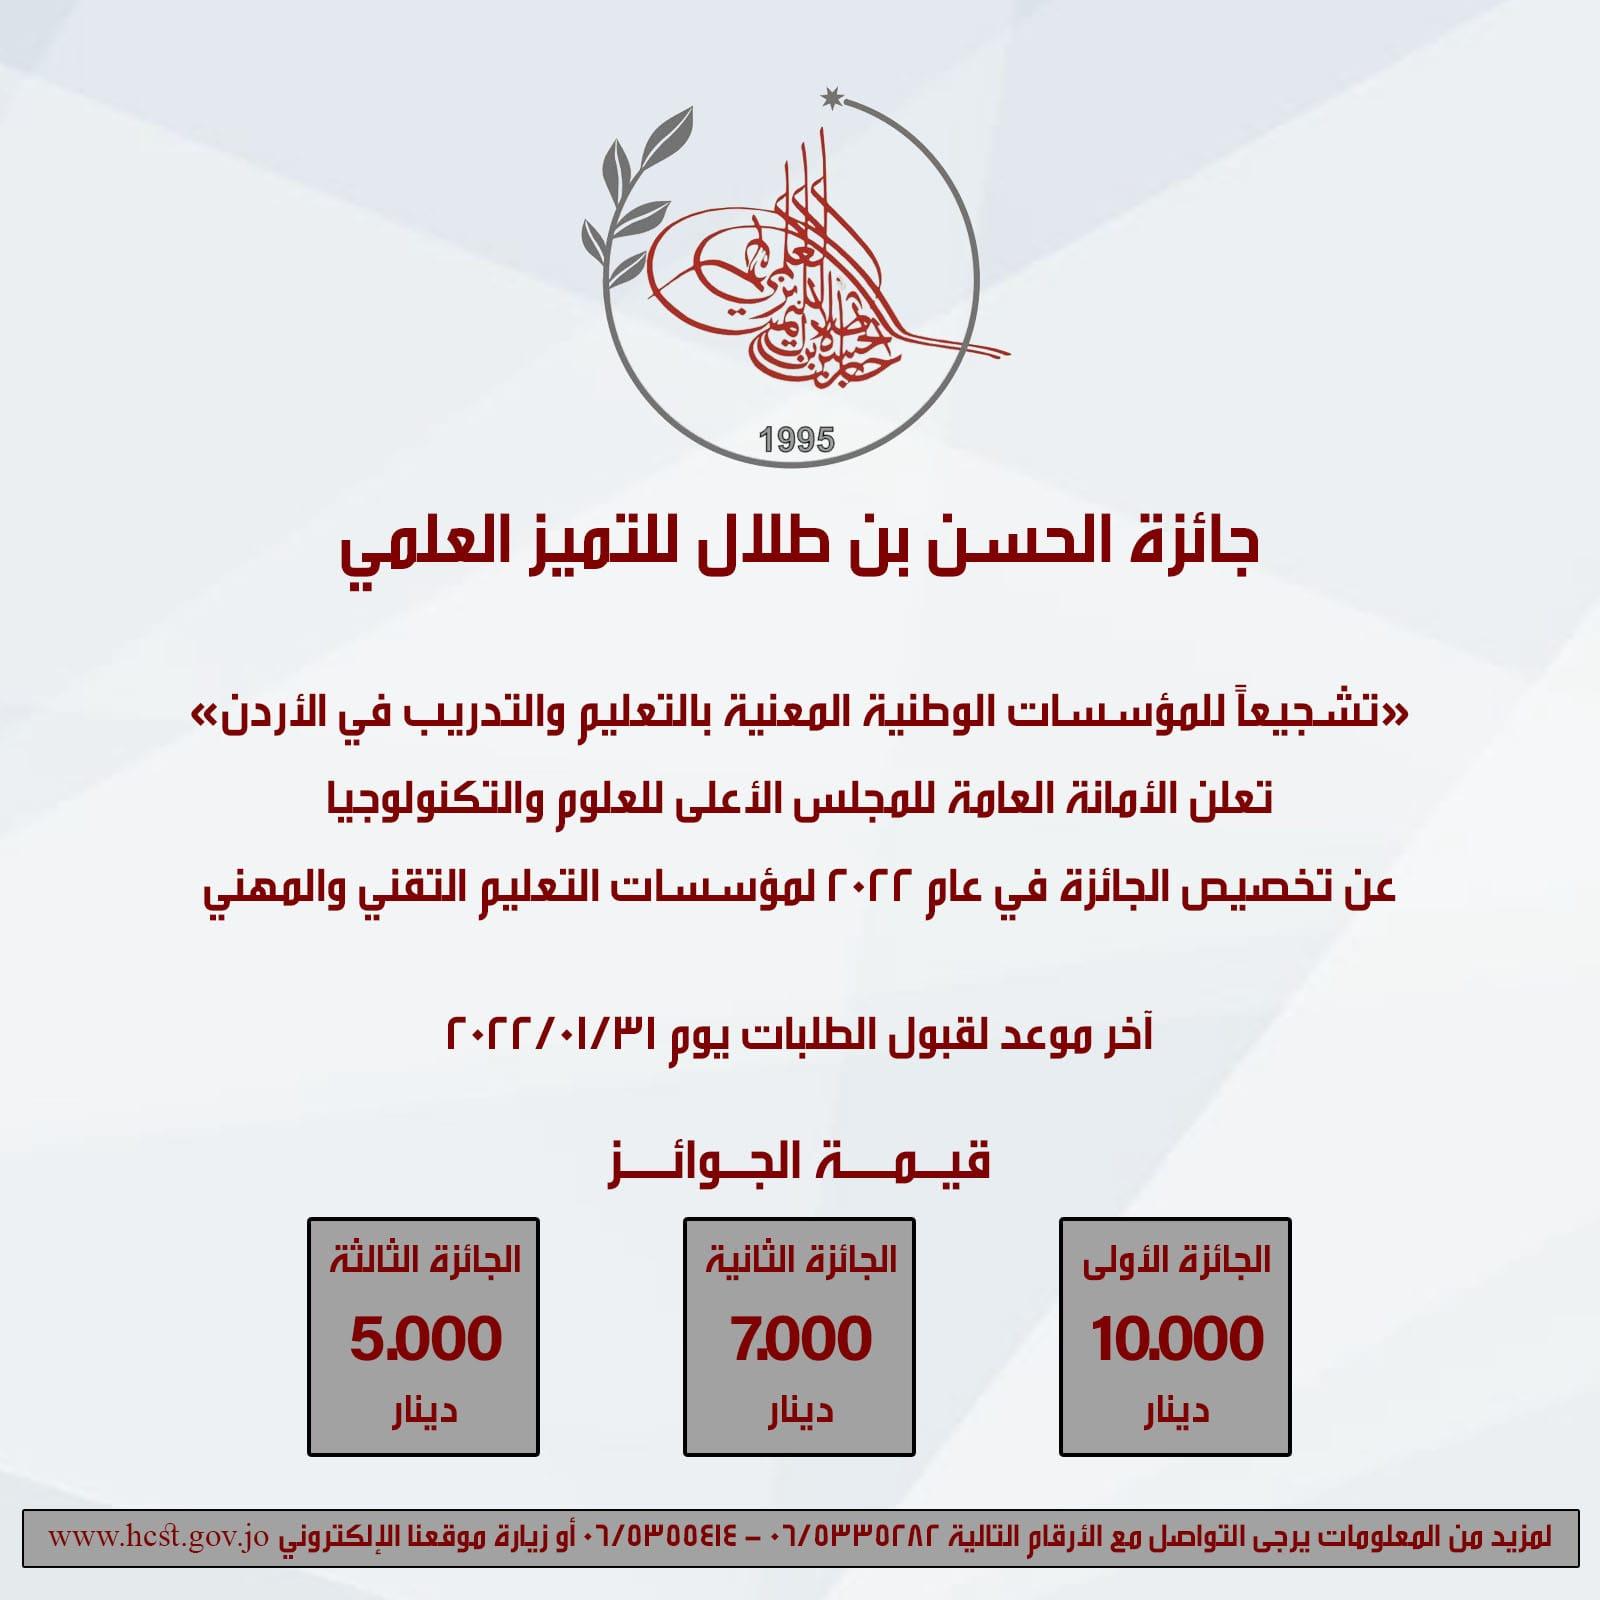 بدء استقبال طلبات المنافسة على جائزة الحسن بن طلال للتميز العلمي للعام 2022